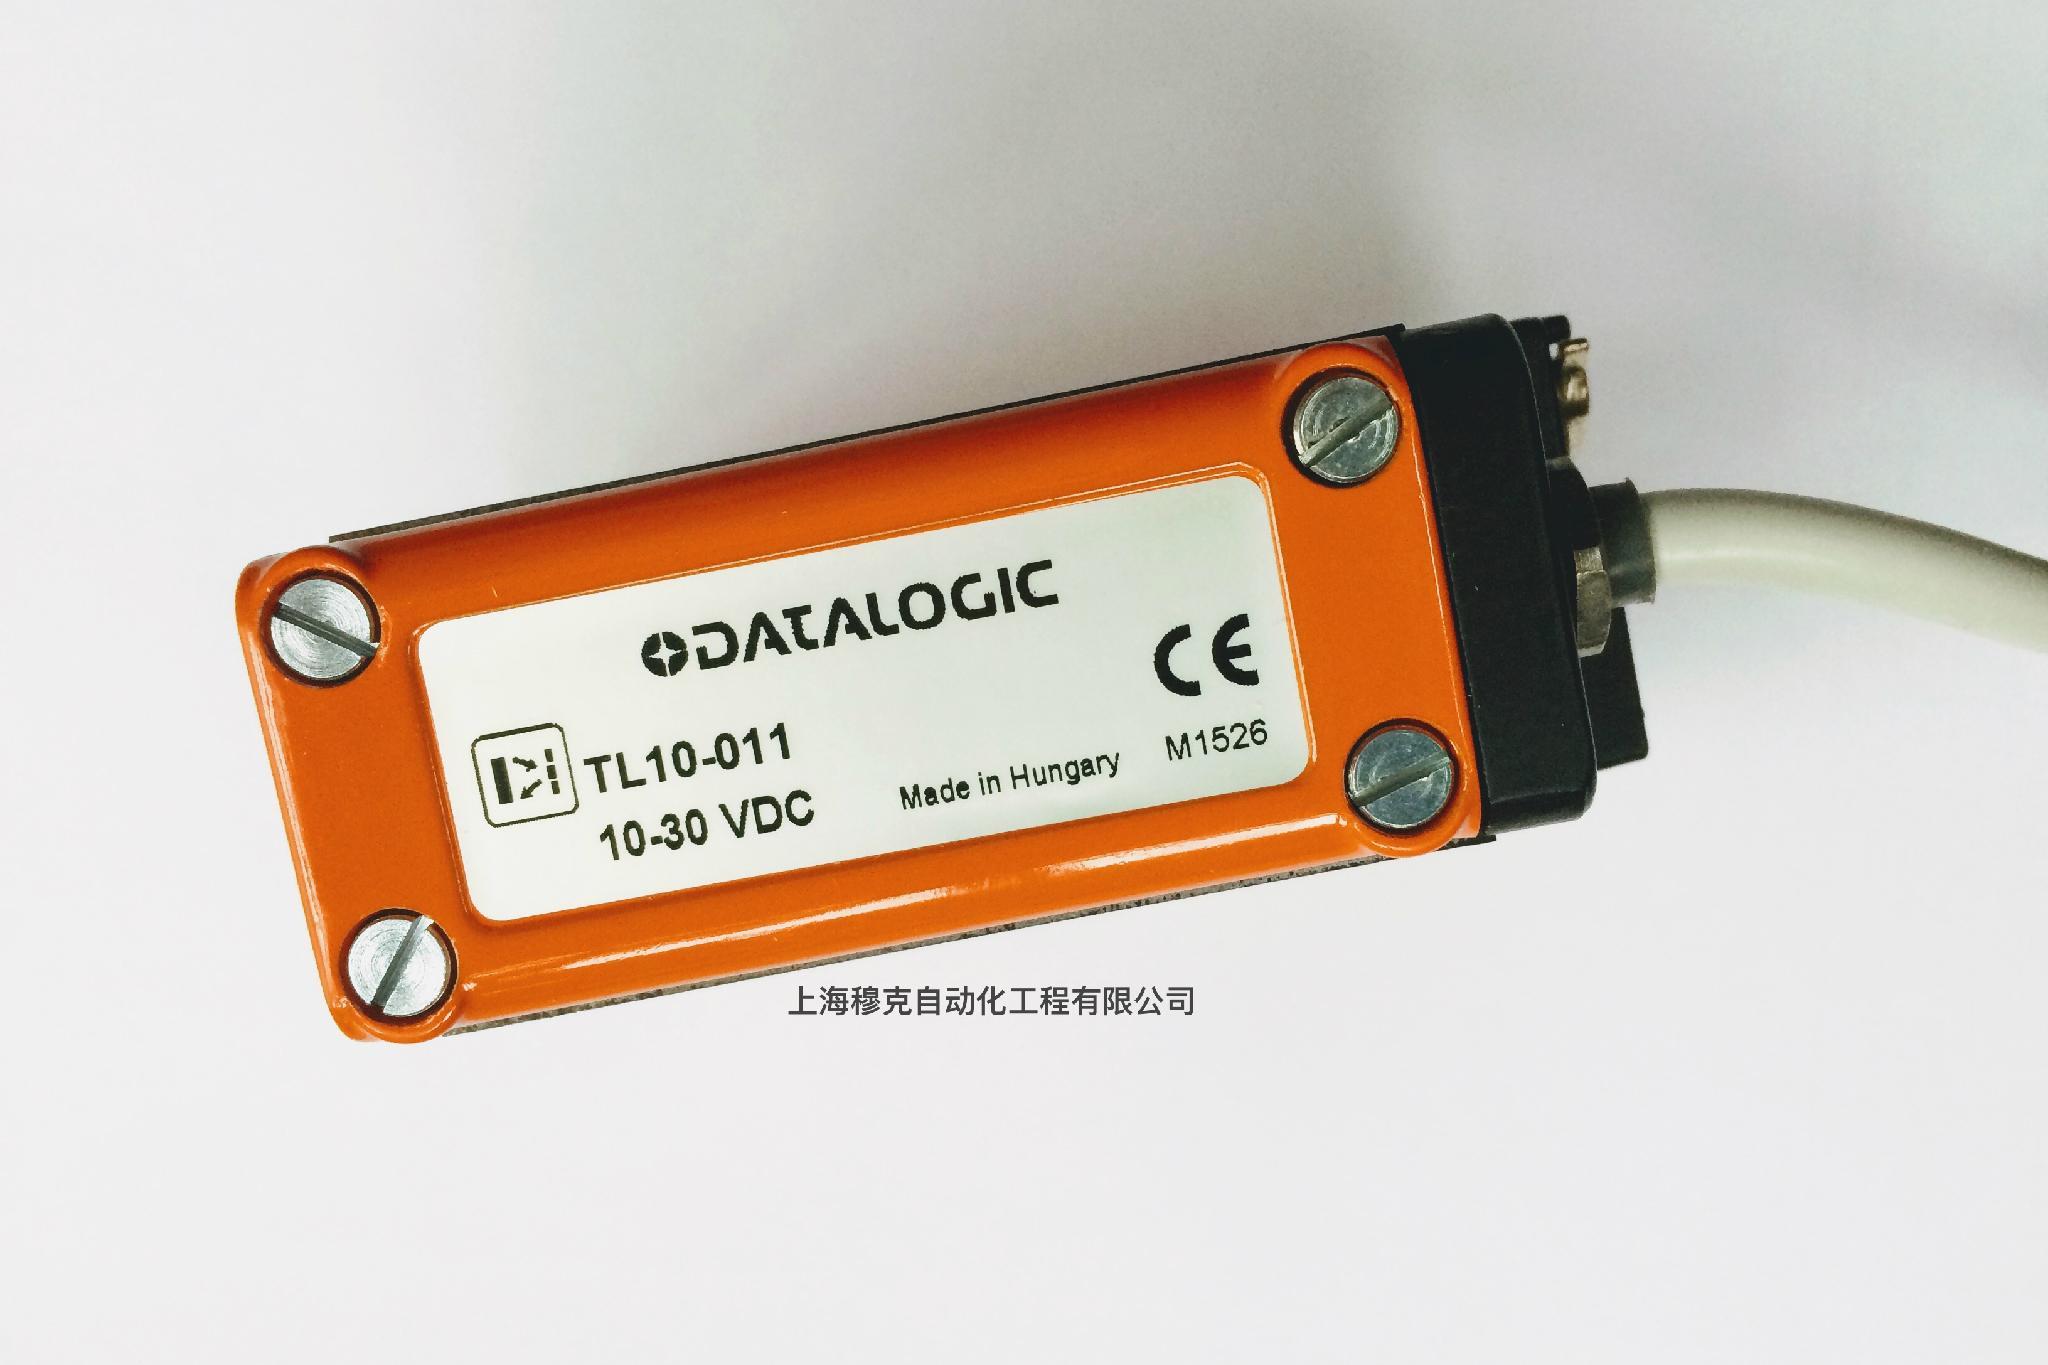 意大利Datalogic色标传感器TL10-011 2